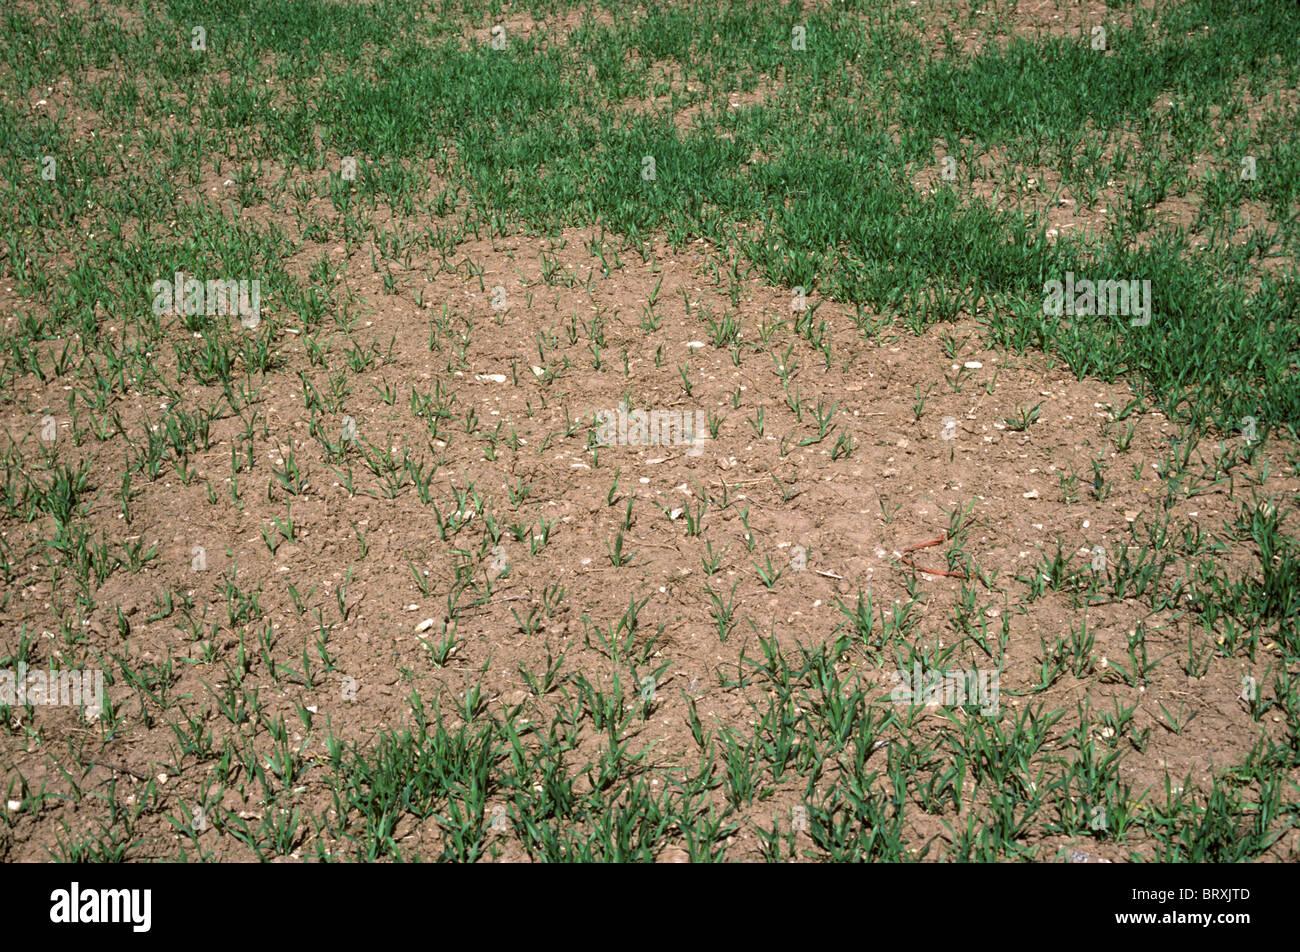 Lückenhaft Frühling Gerste Ernte verursacht durch schlechte Keimung Stockbild